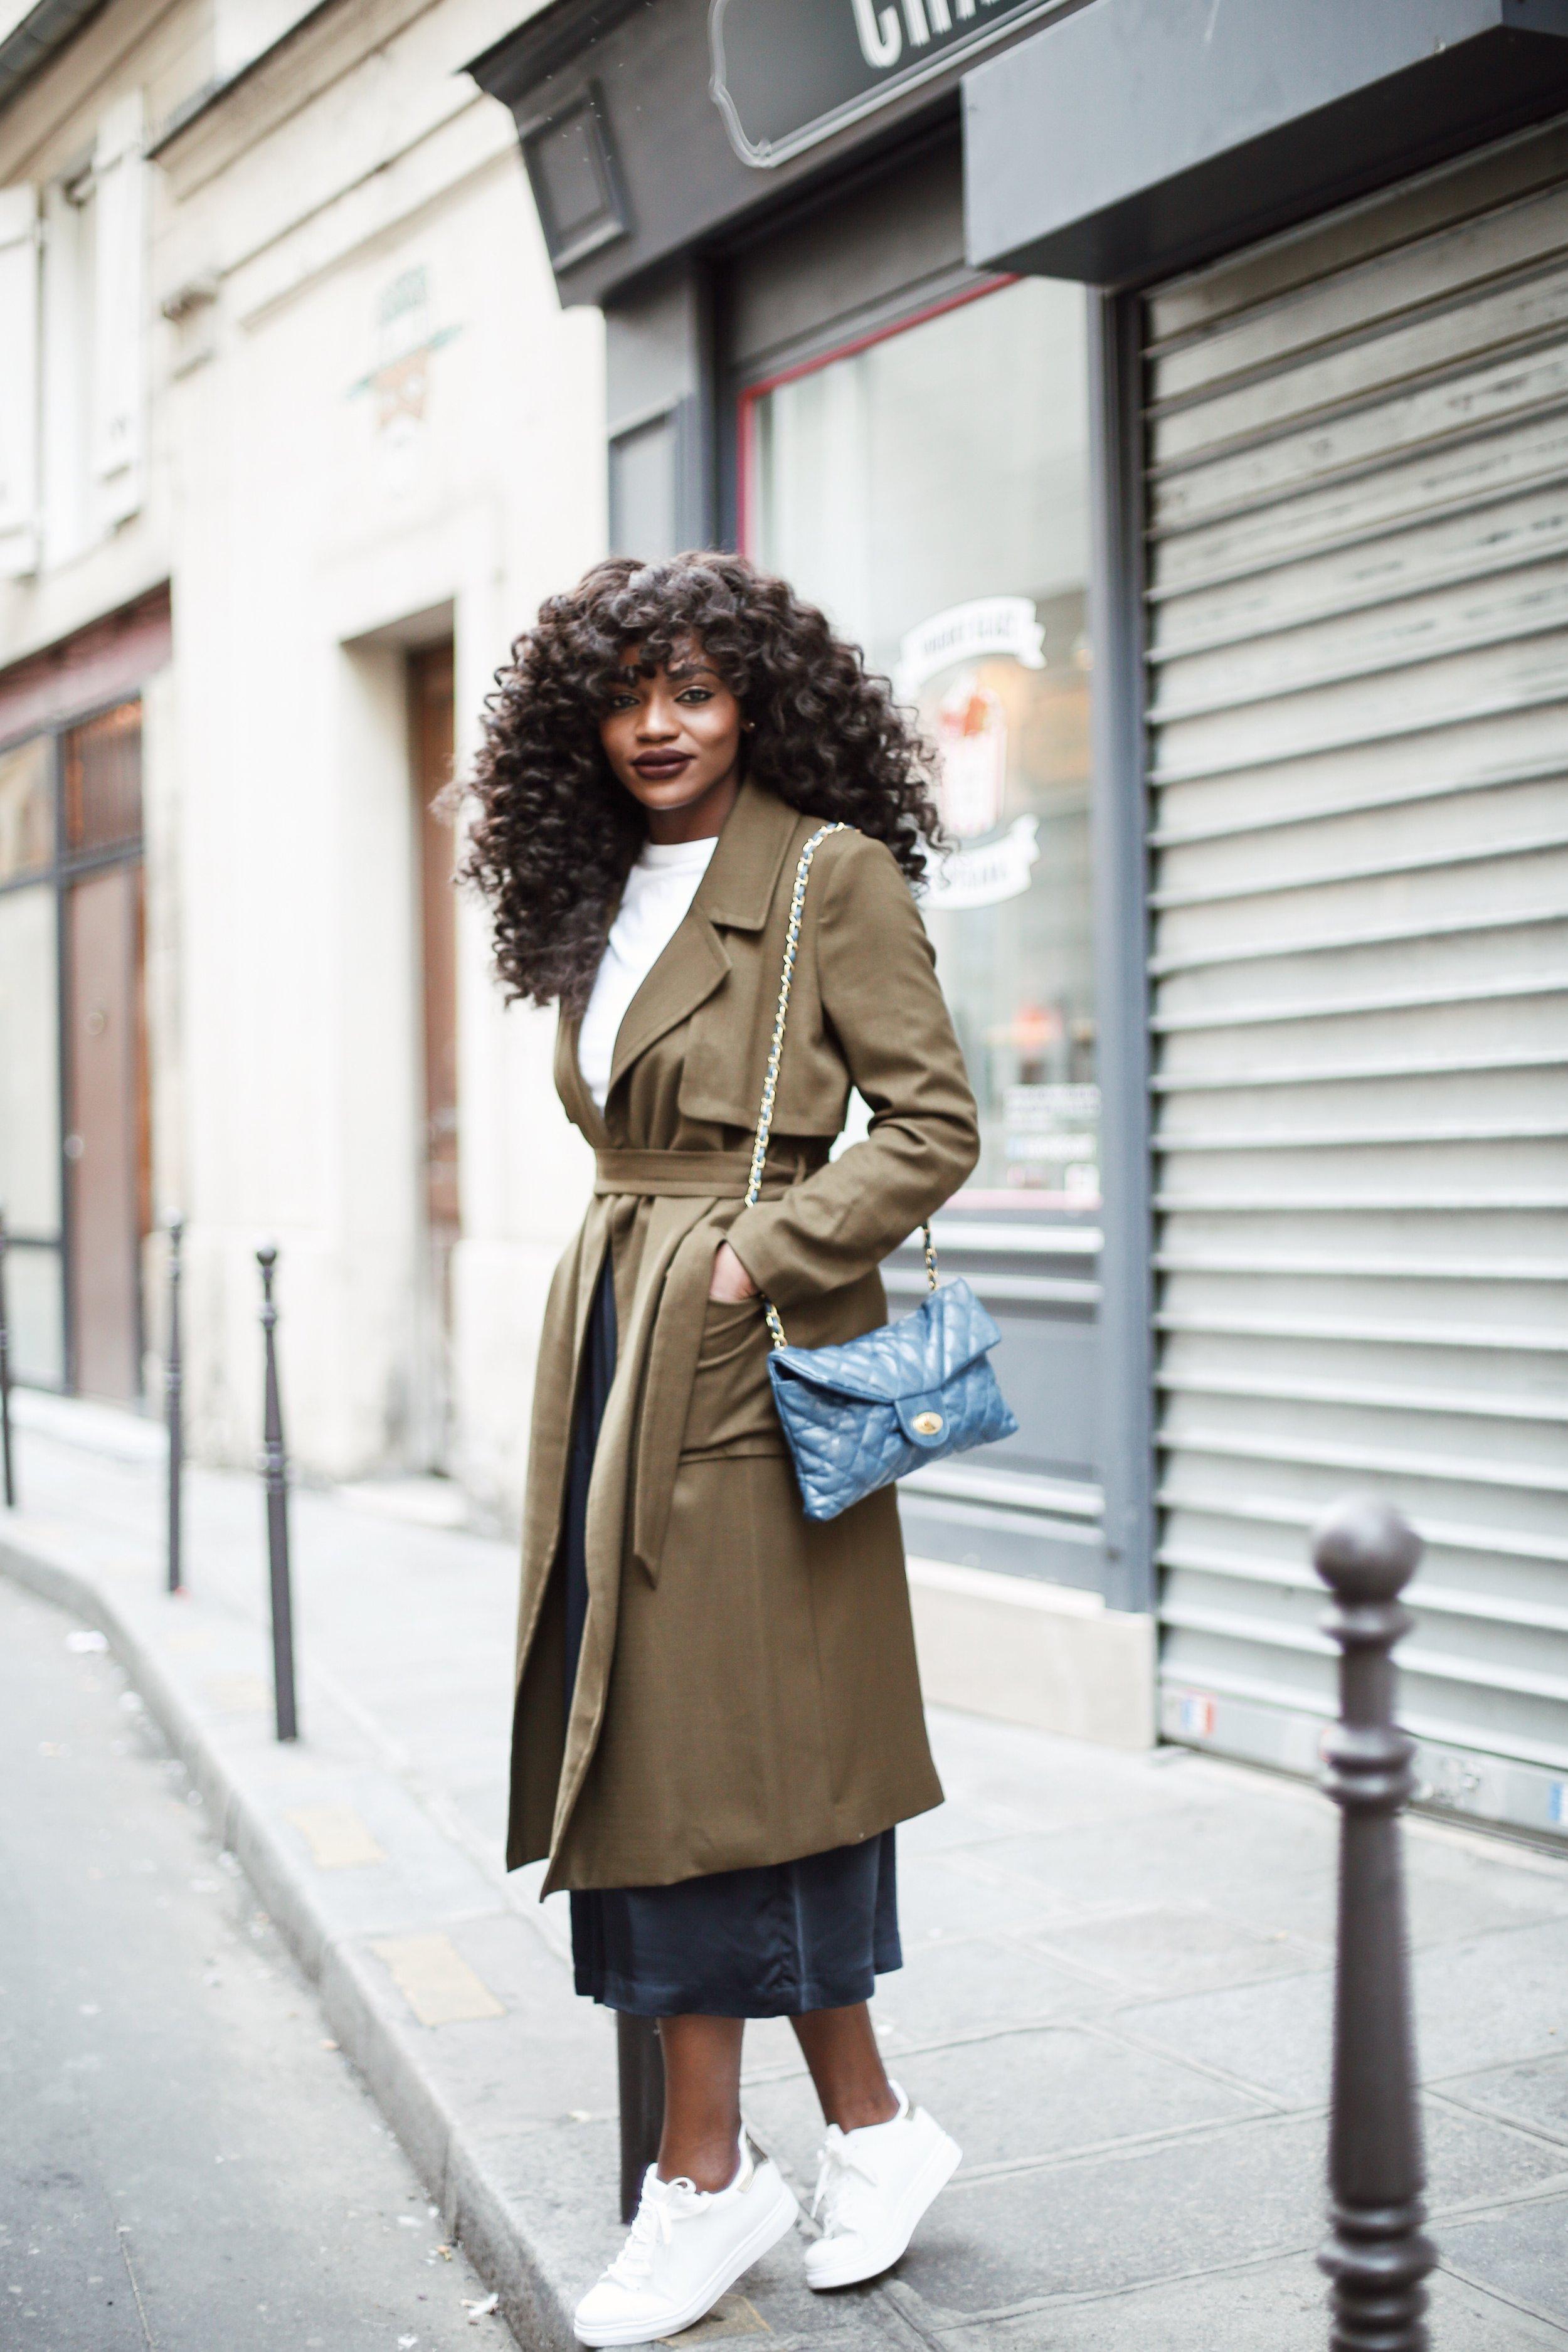 Asiyami Gold wearing H&M at Paris Fashion Week